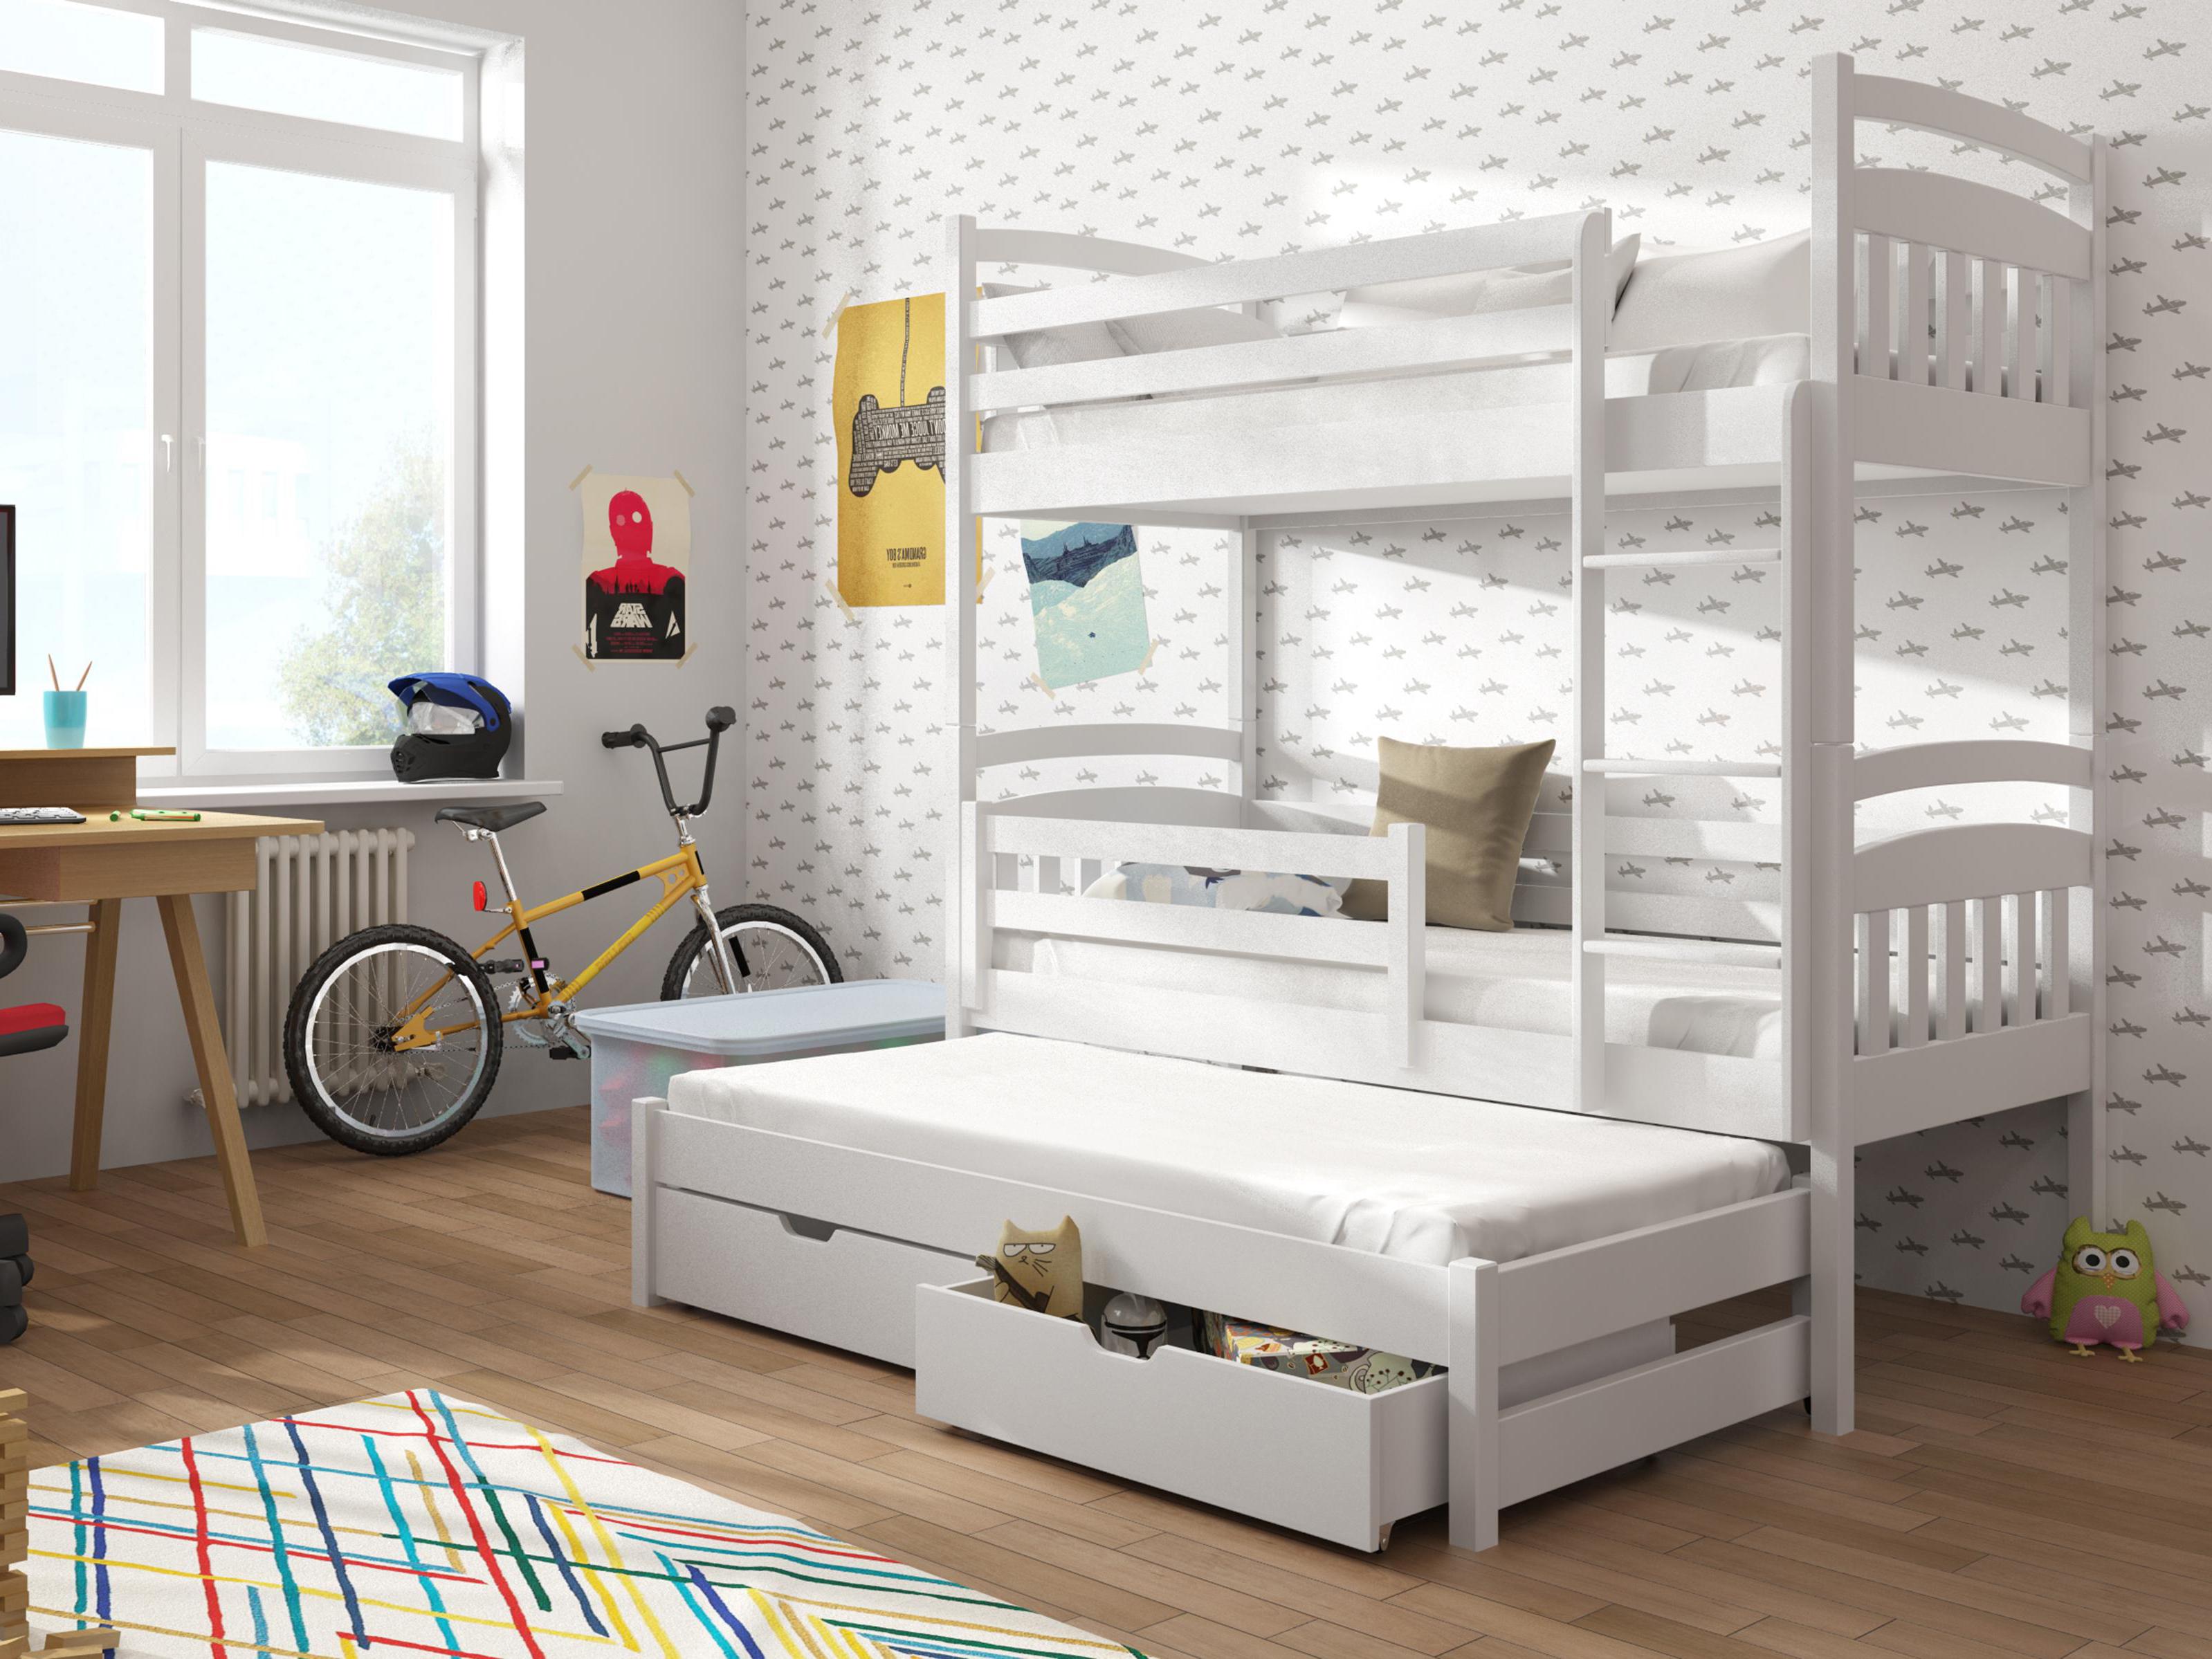 Dětská patrová postel 90 cm - Anie (bílá)